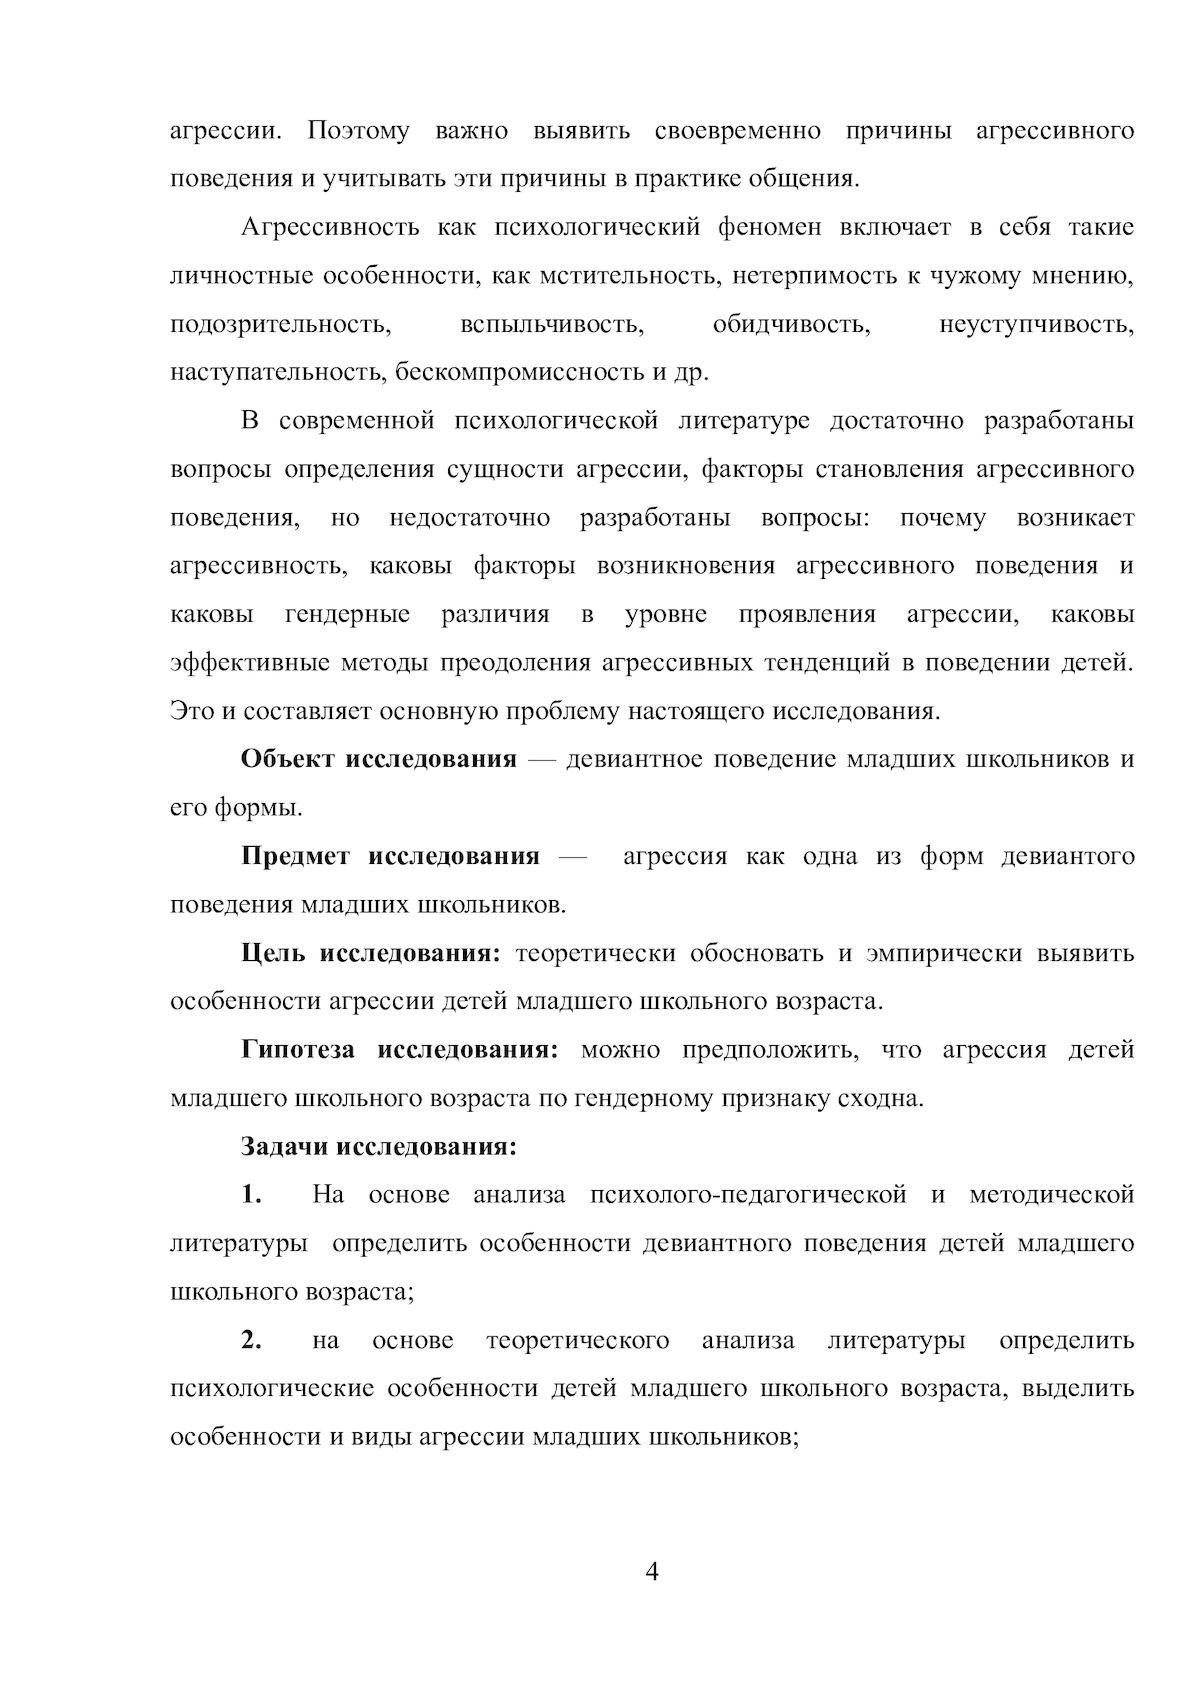 Курсовая работа Блудовой Д calameo er page 4